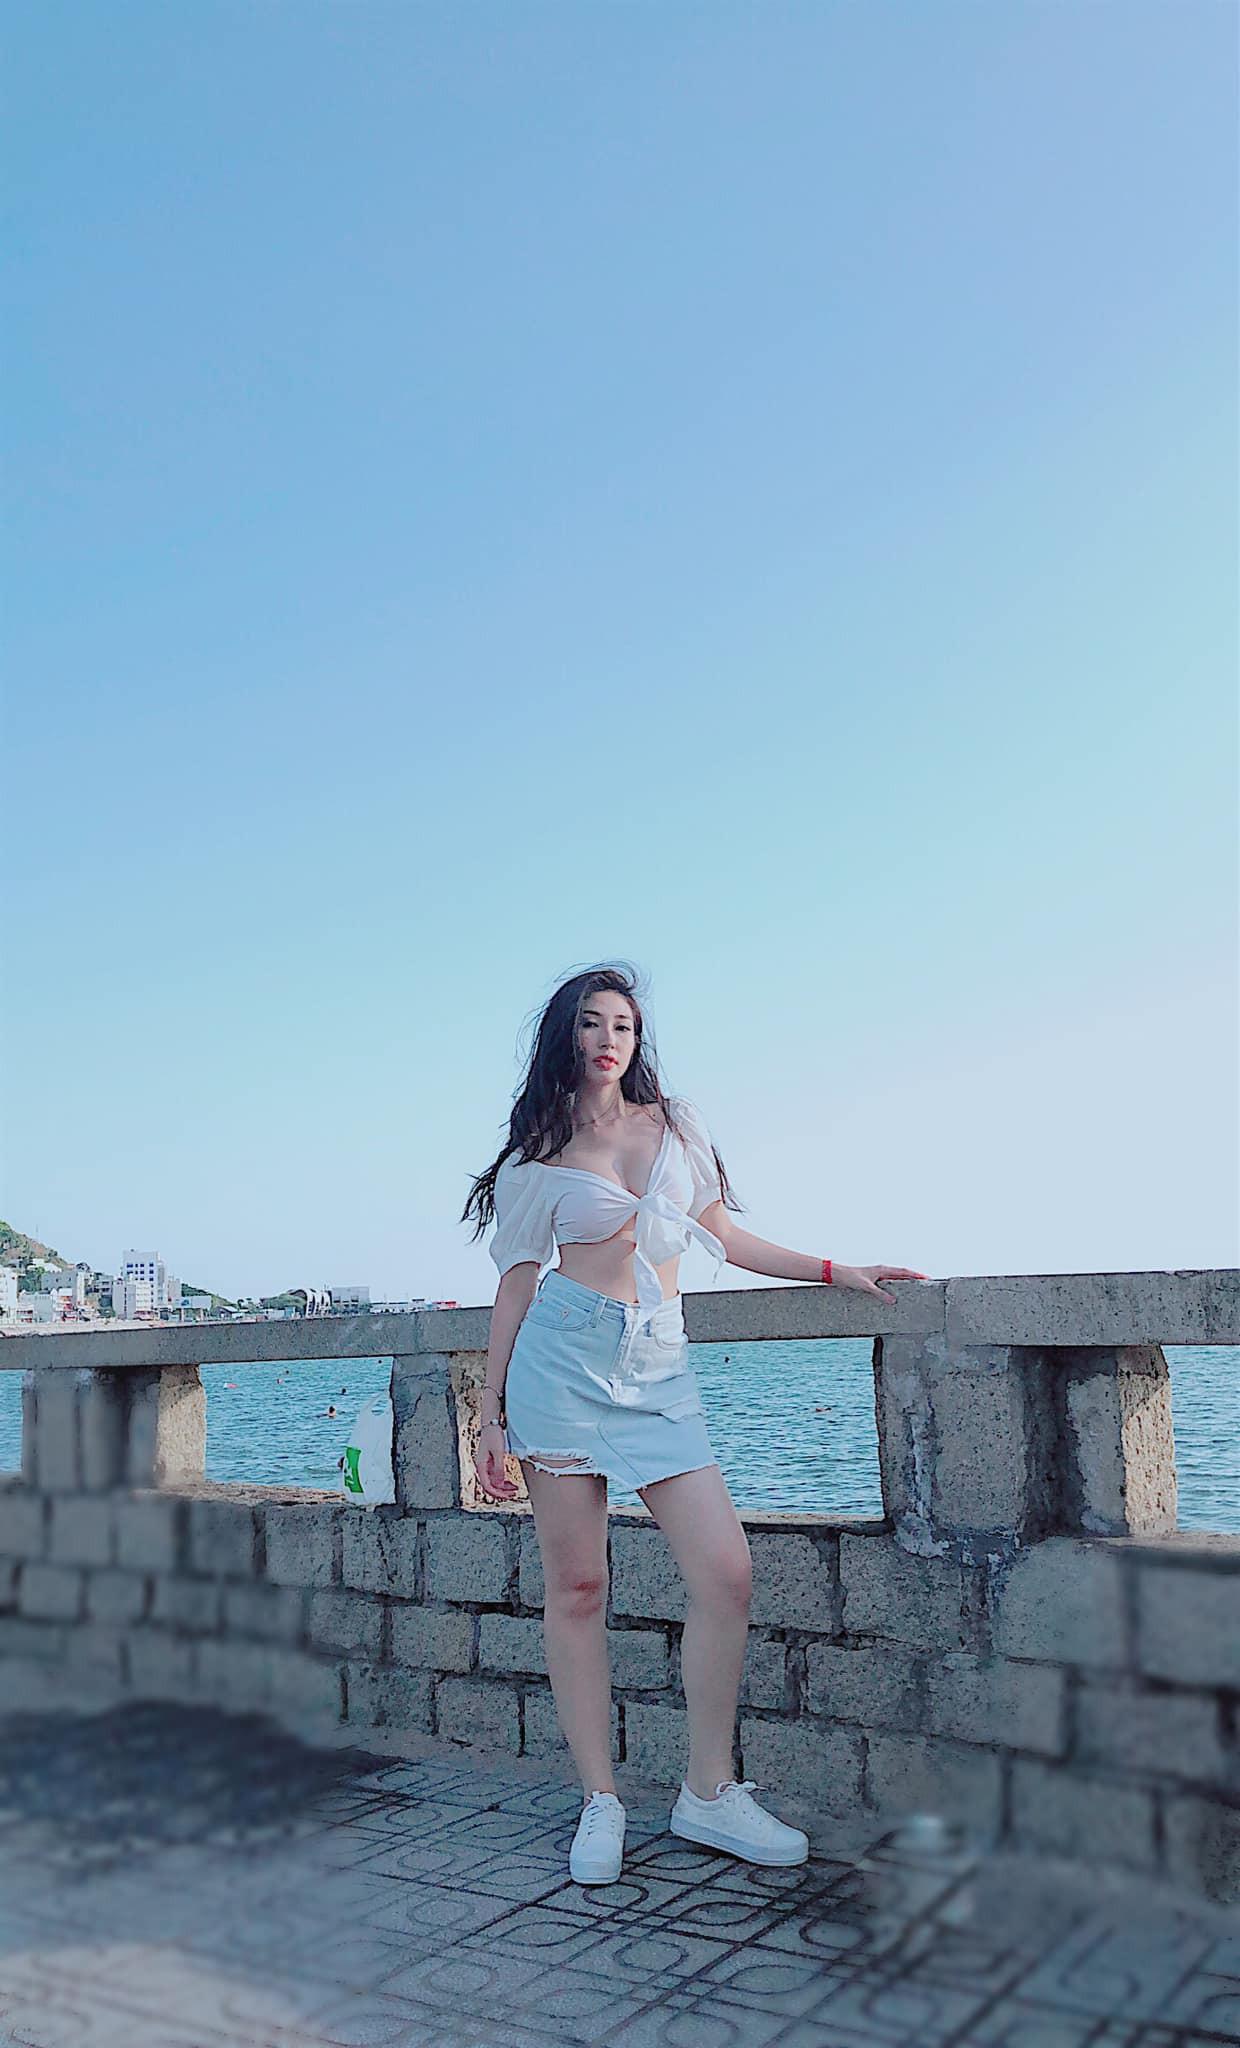 """Khổng Tú Quỳnh ngày càng gợi cảm và táo bạo: Chụp hình """"sương sương"""" cũng phanh áo hờ hững khoe vòng 1 đầy đặn - Ảnh 3."""